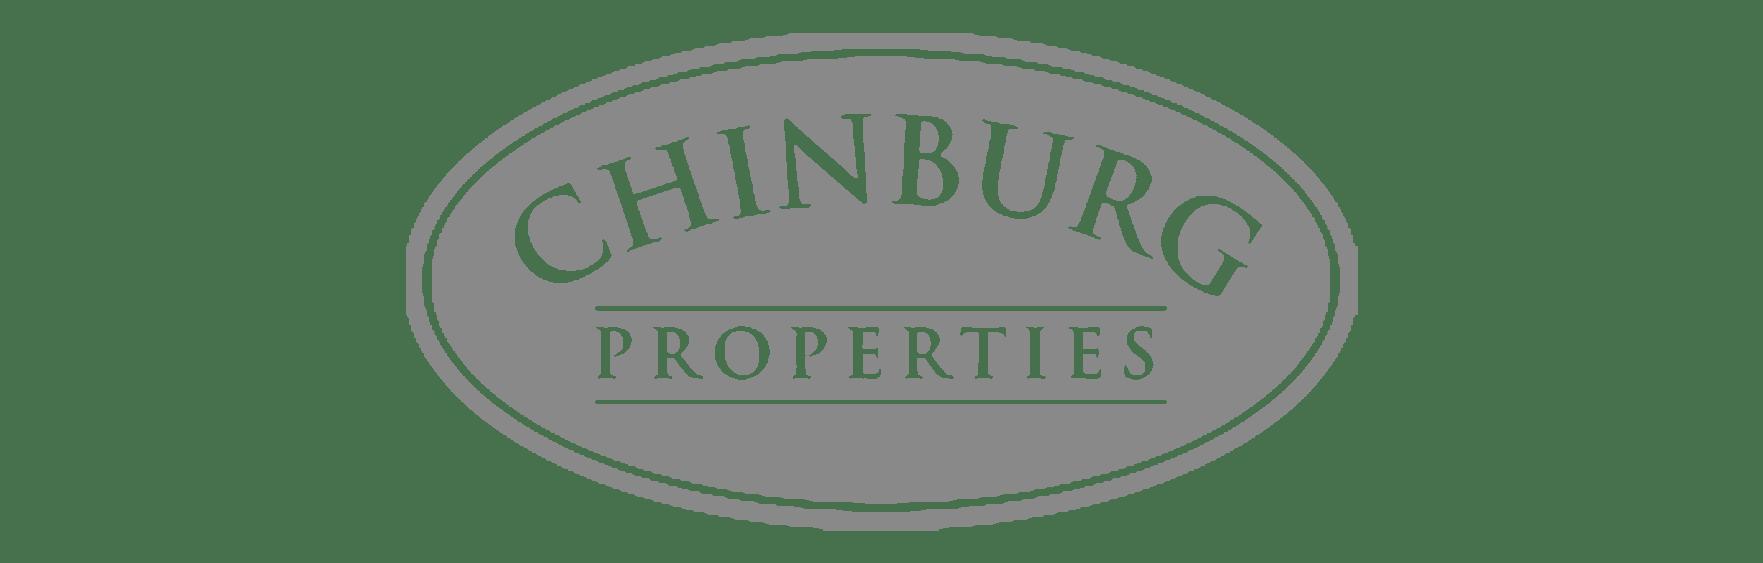 chinburg properties logo